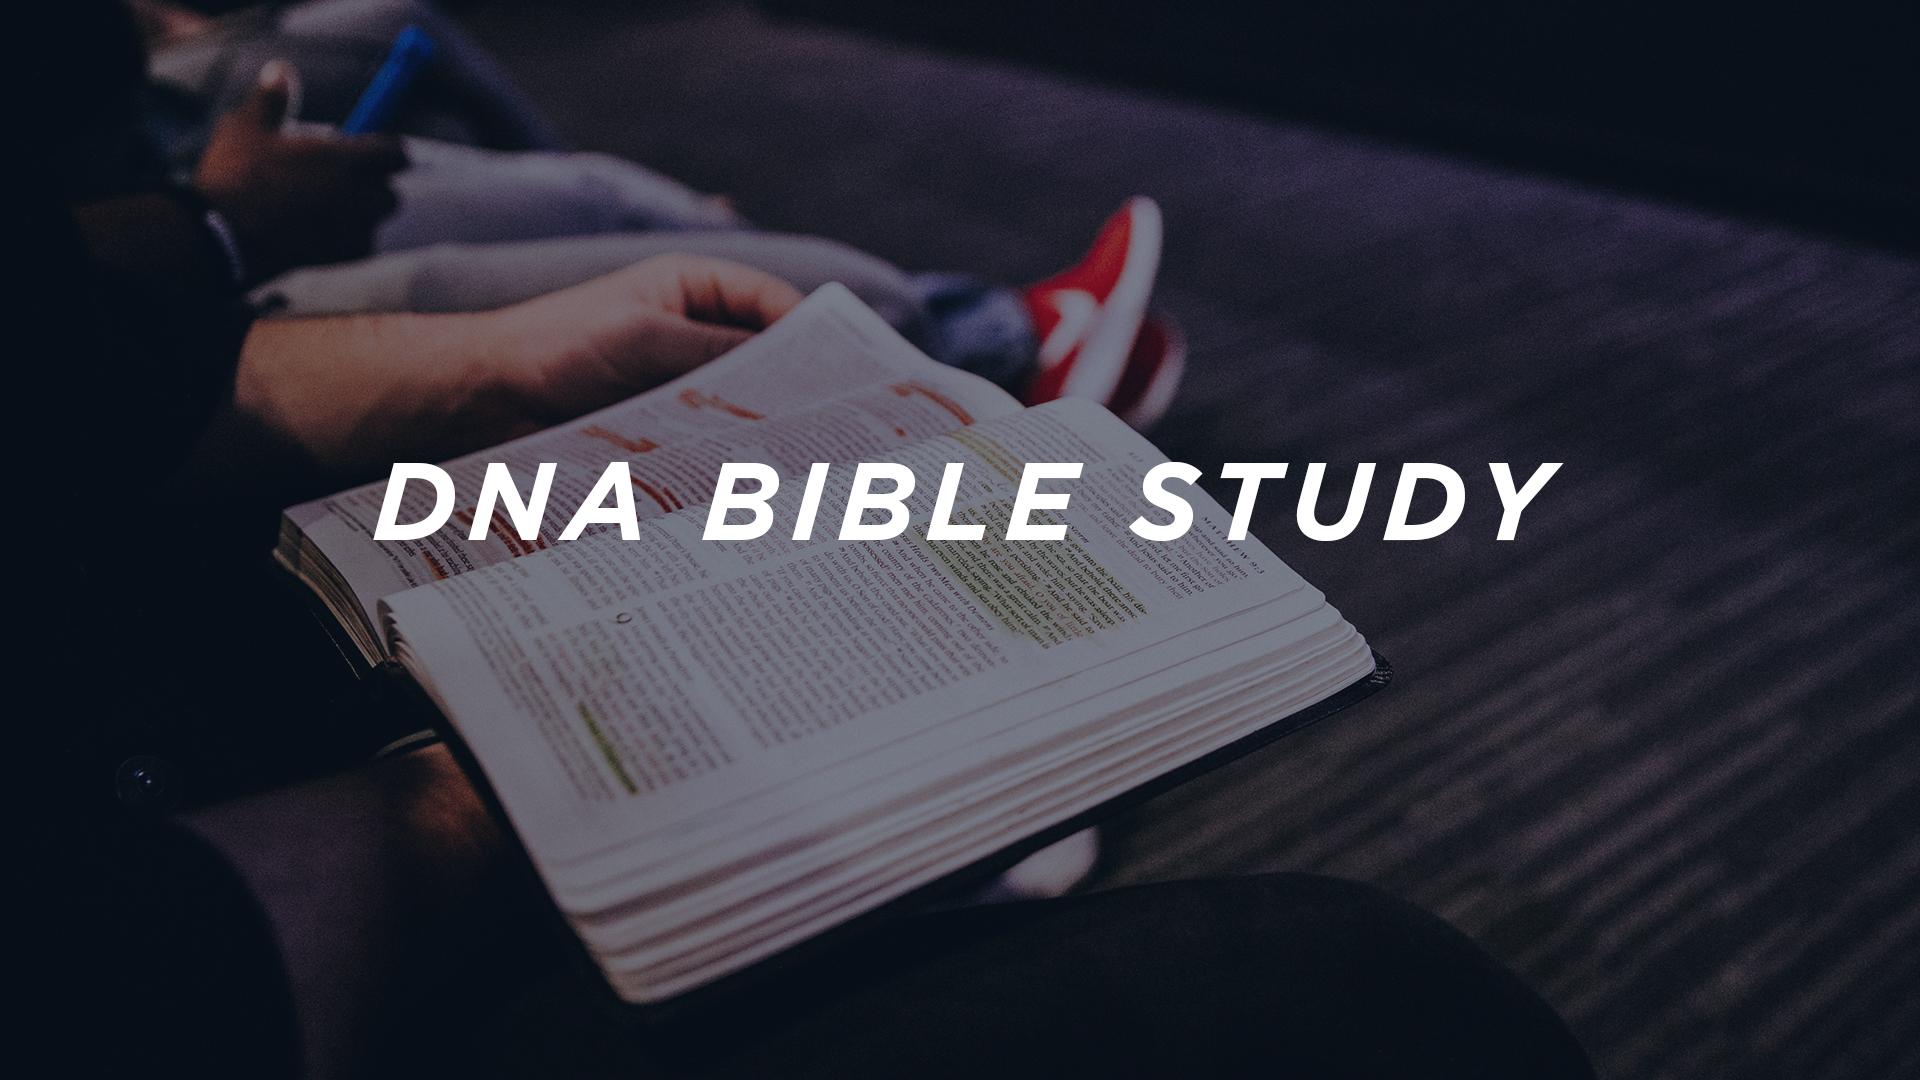 DNA-bible-study d.jpg